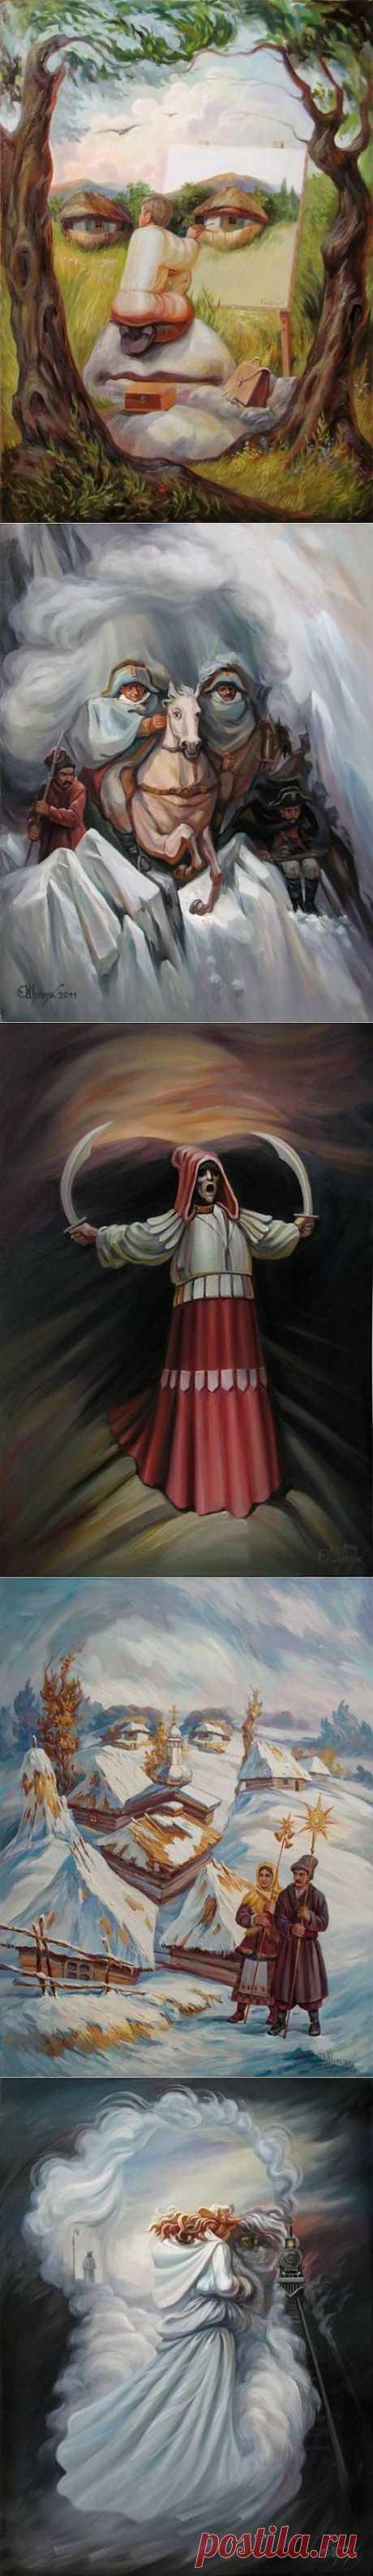 (+1) тема - Очень необычные картины Олега Шупляка | СДЕЛАЙ САМ!